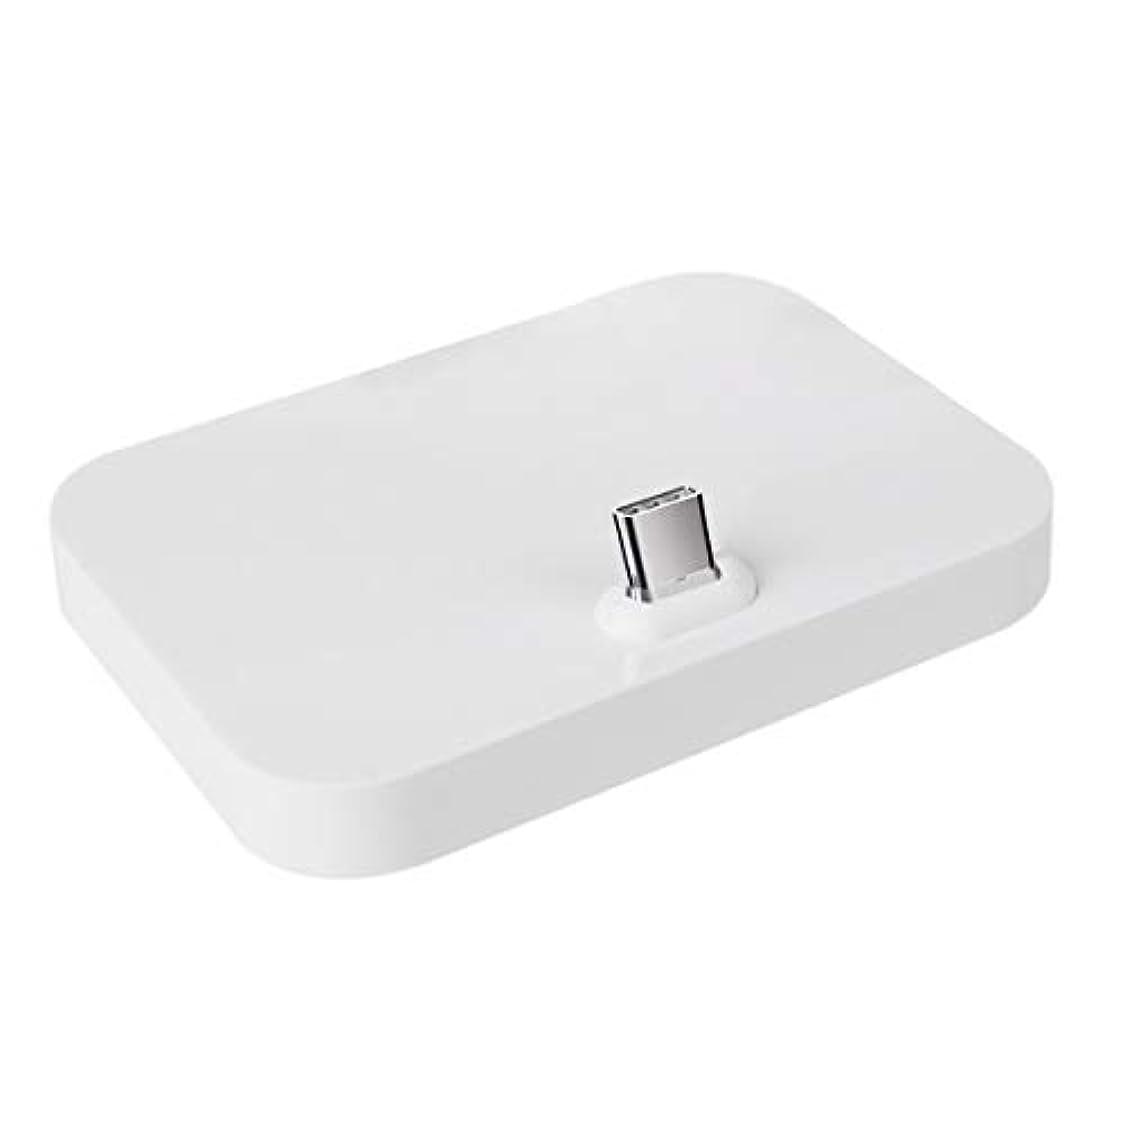 解明地下室ホールiqos互換用 充電スタンド チャージャー クレードル アイコス対応 multi/任天堂スイッチ(switch)対応 【Tyep C対応】 オフィス ホワイト